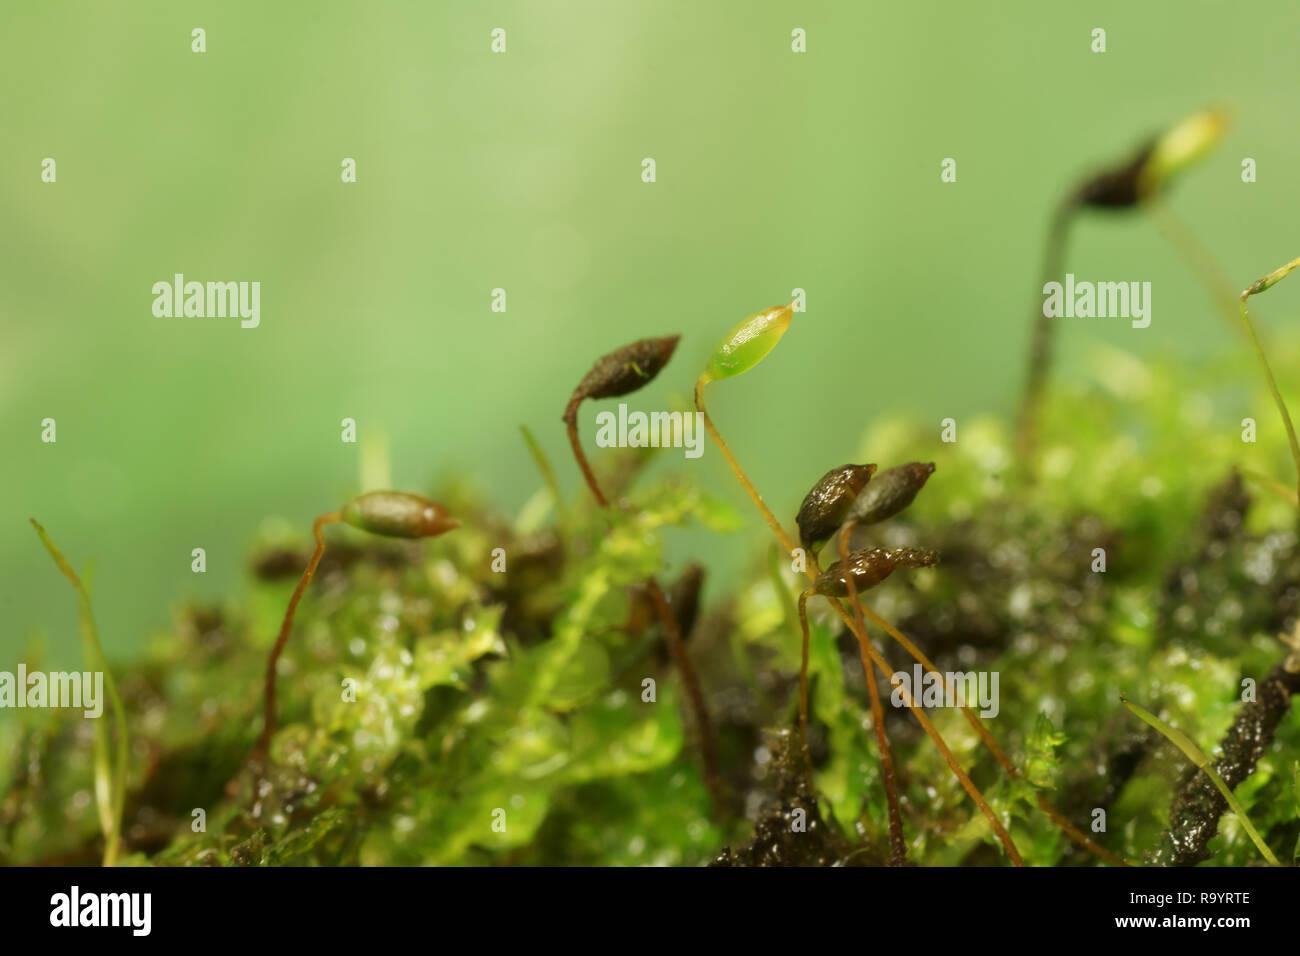 Vesicularia vesicularis - Stock Image